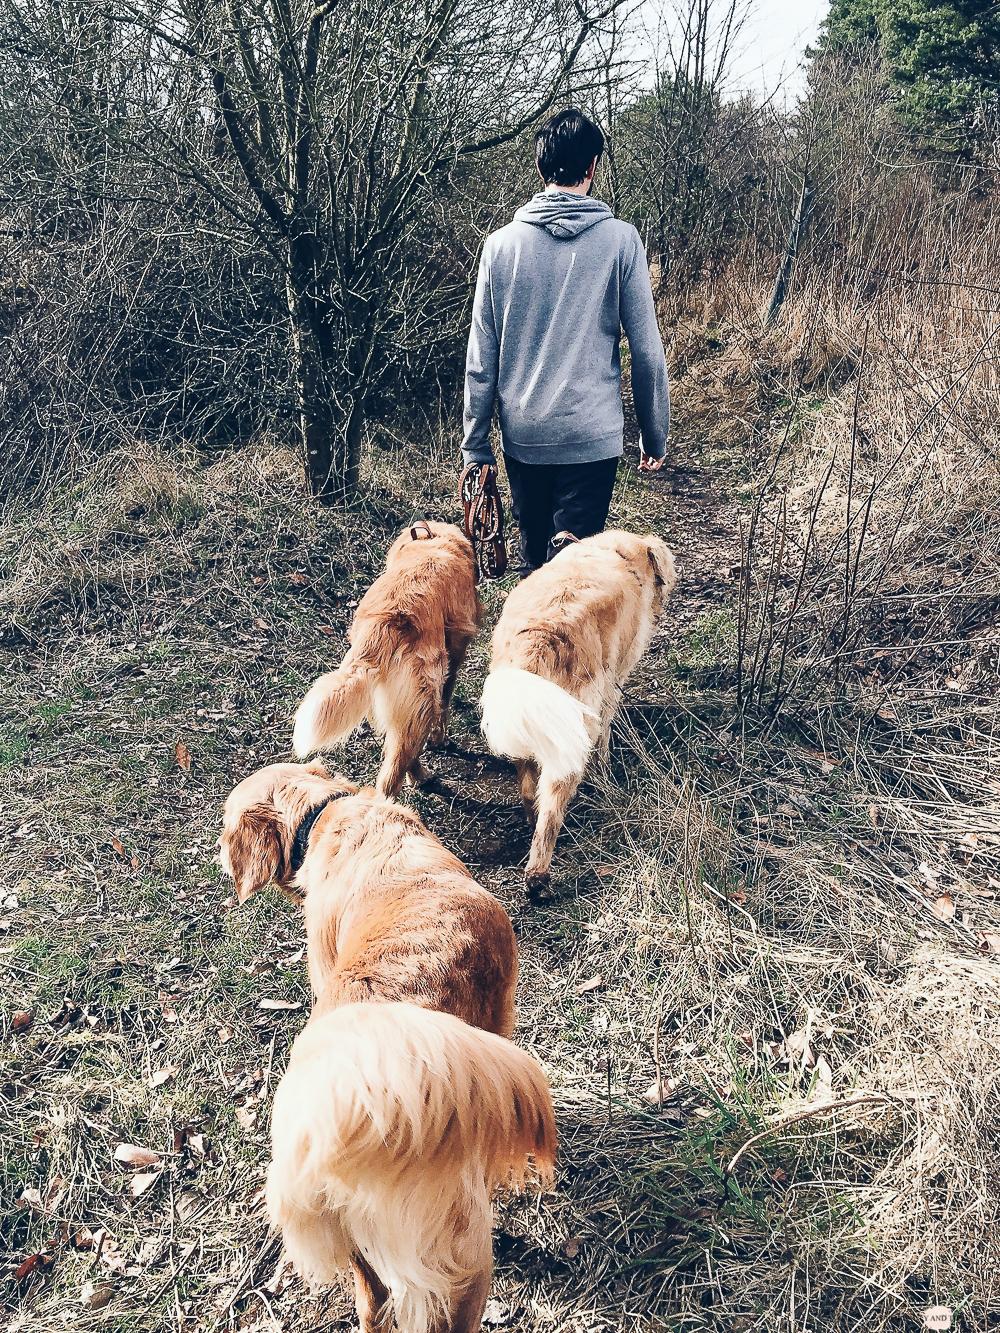 Werbung <br/> Urlaub mit Hund und BestFewo